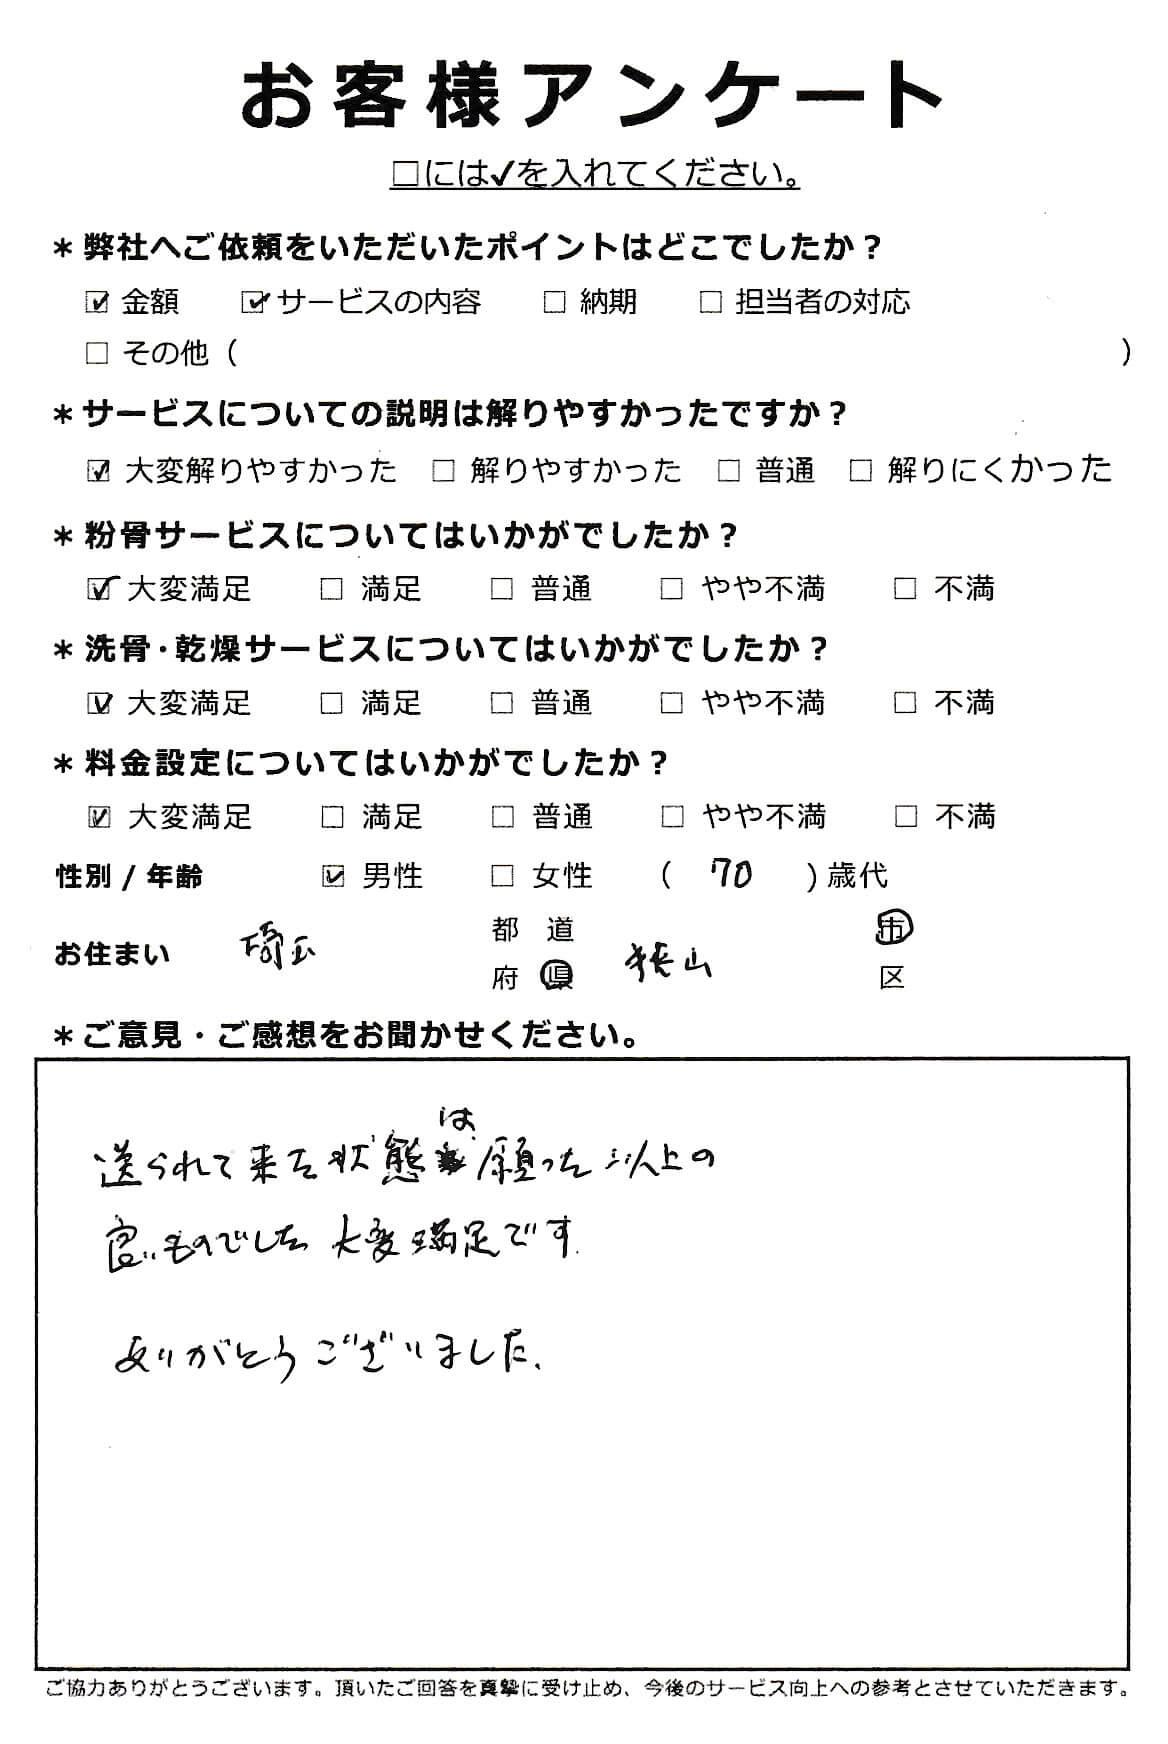 埼玉県狭山市での粉骨・洗骨サービス